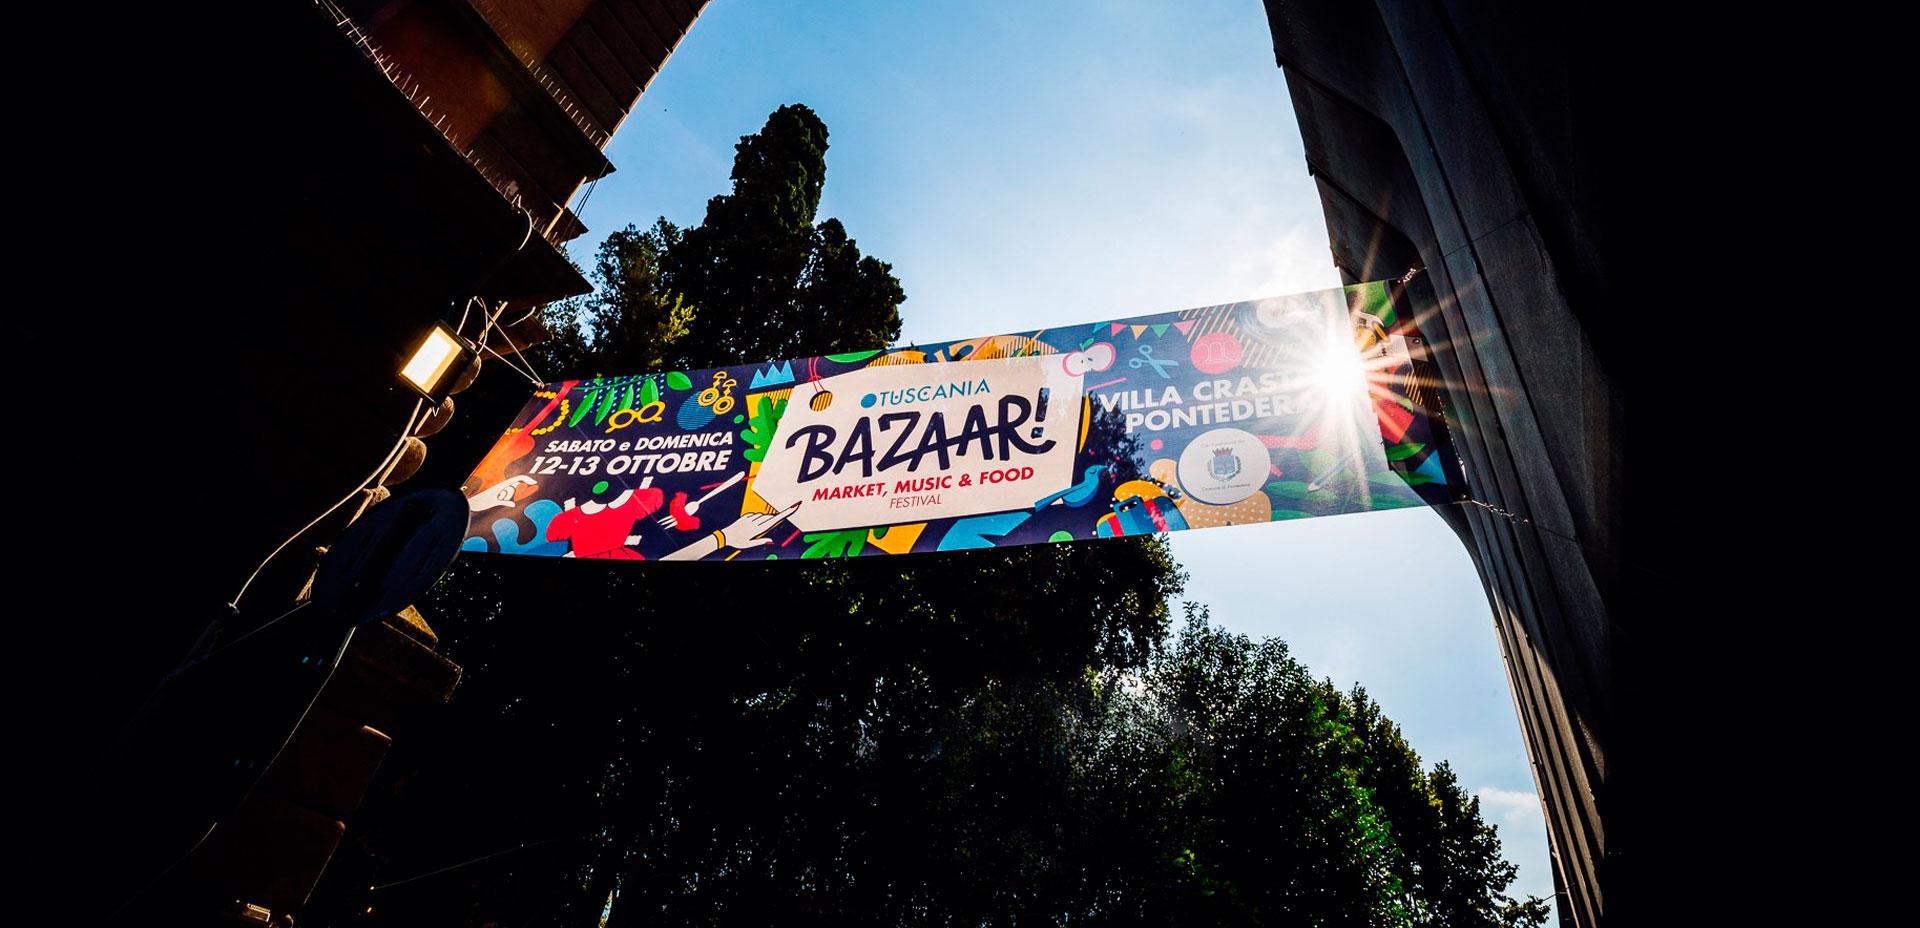 bazaar-pic